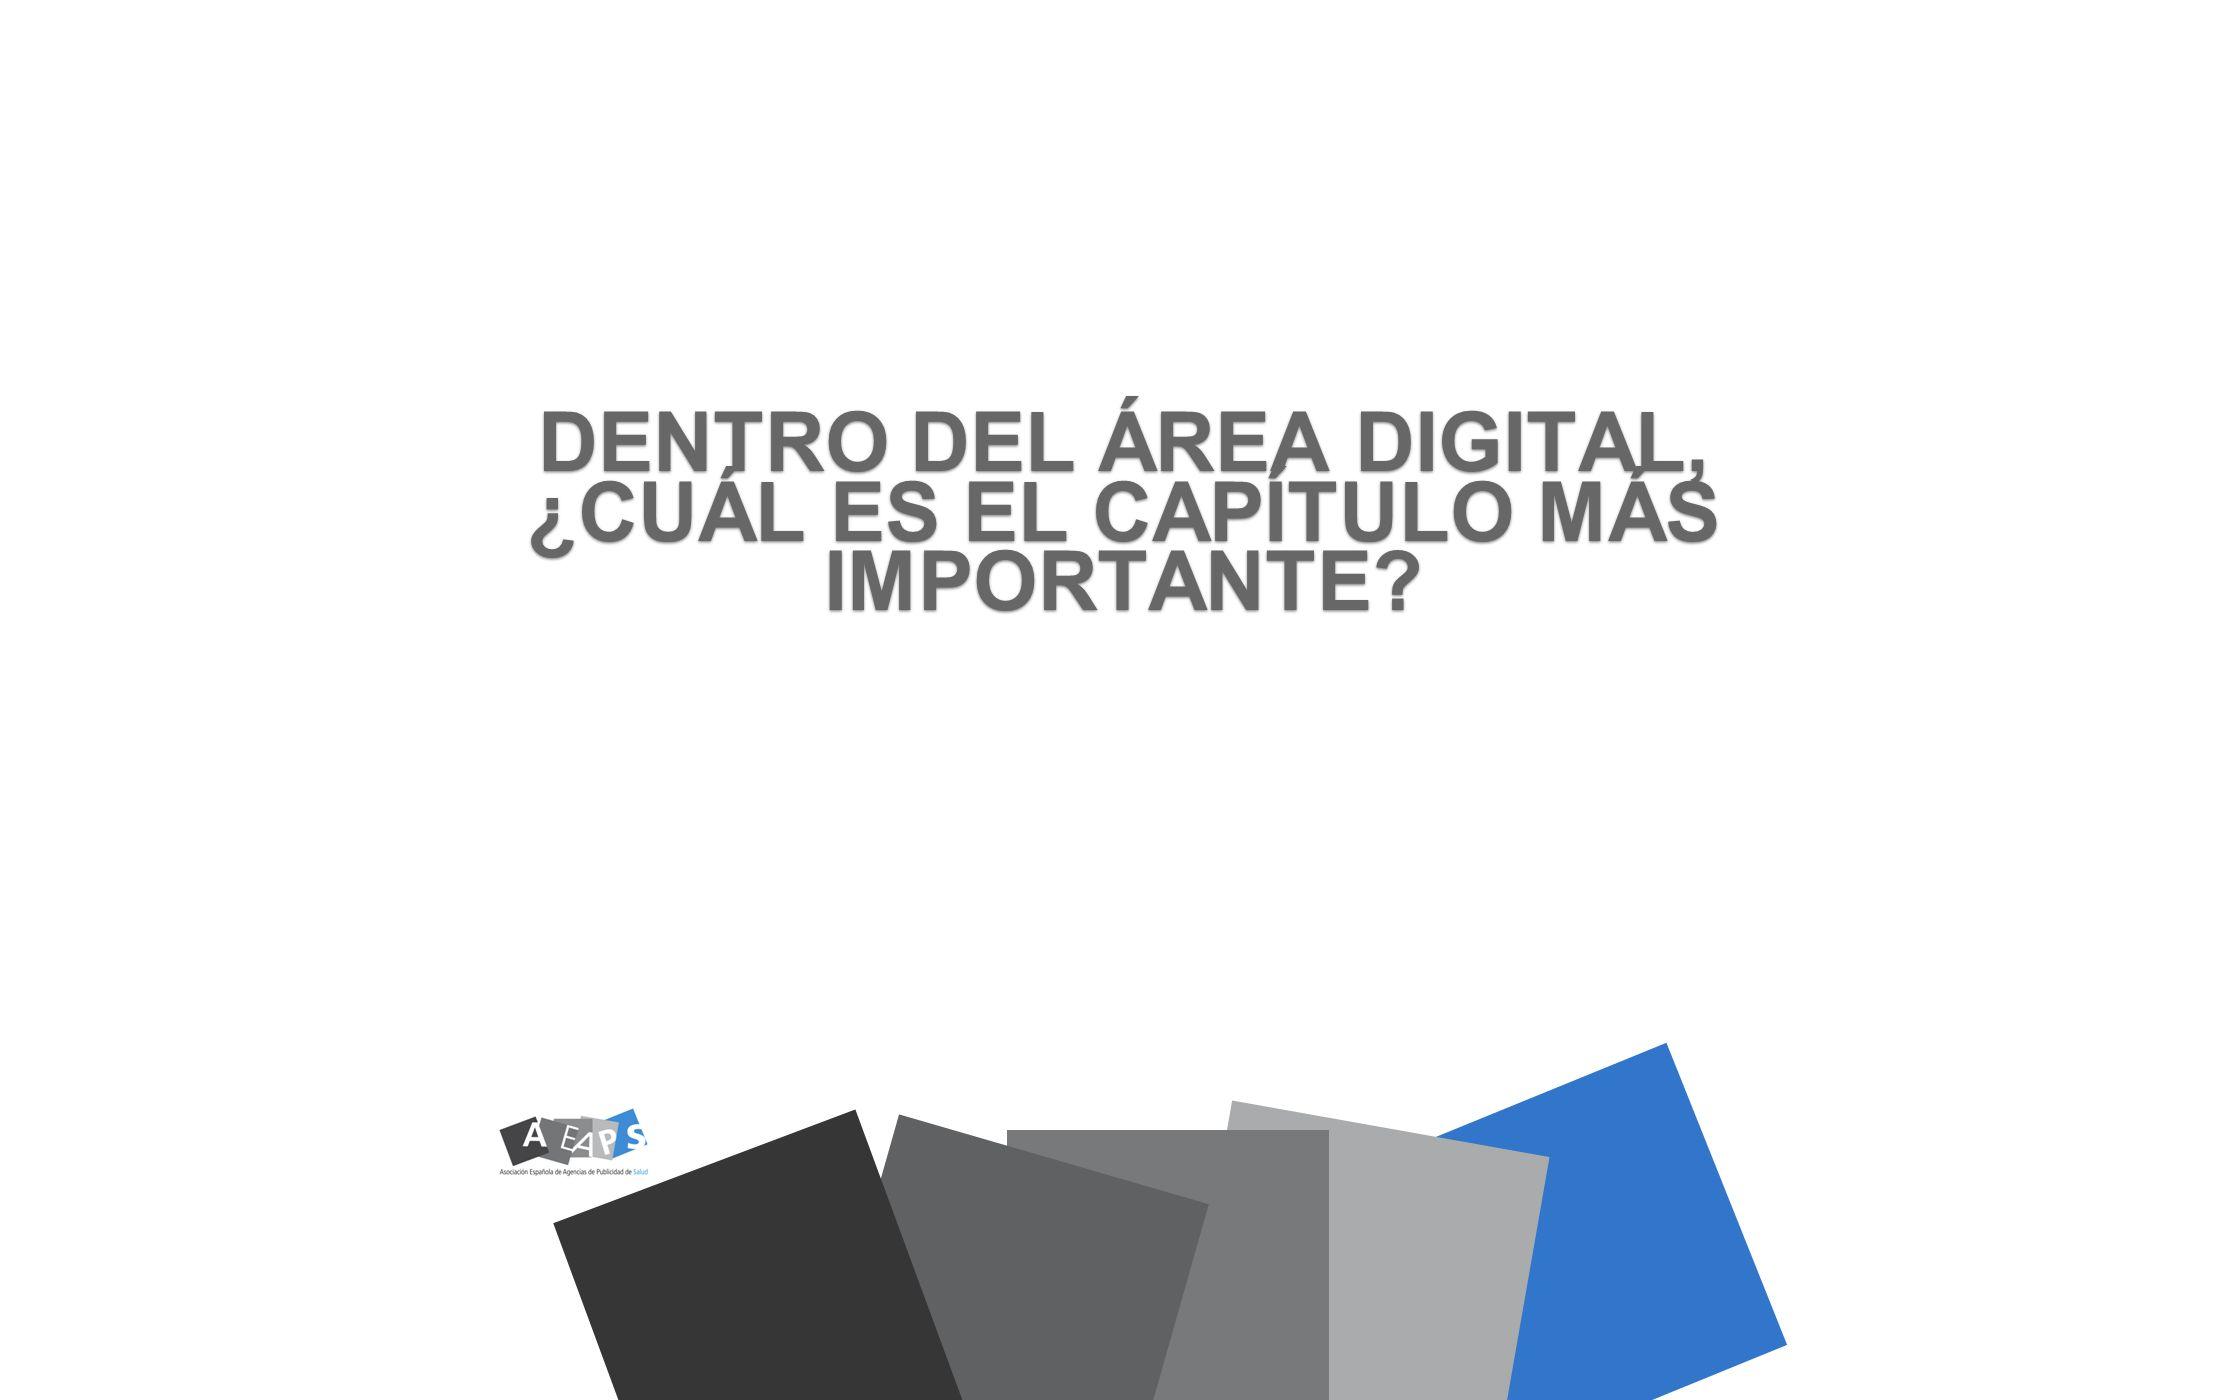 EFECTIVAMENTE, LAS APLICACIONES EN iPAD SON EL CAPÍTULO MAYOR (30,6 %) LAS APLICACIONES PUBLICITARIAS EN IPAD Y TABLETS SUPONEN LA PARTIDA MAYOR DENTRO DEL TRABAJO DIGITAL DE LA AGENCIA A SIGNIFICATIVA DISTANCIA DE OTROS TRABAJOS